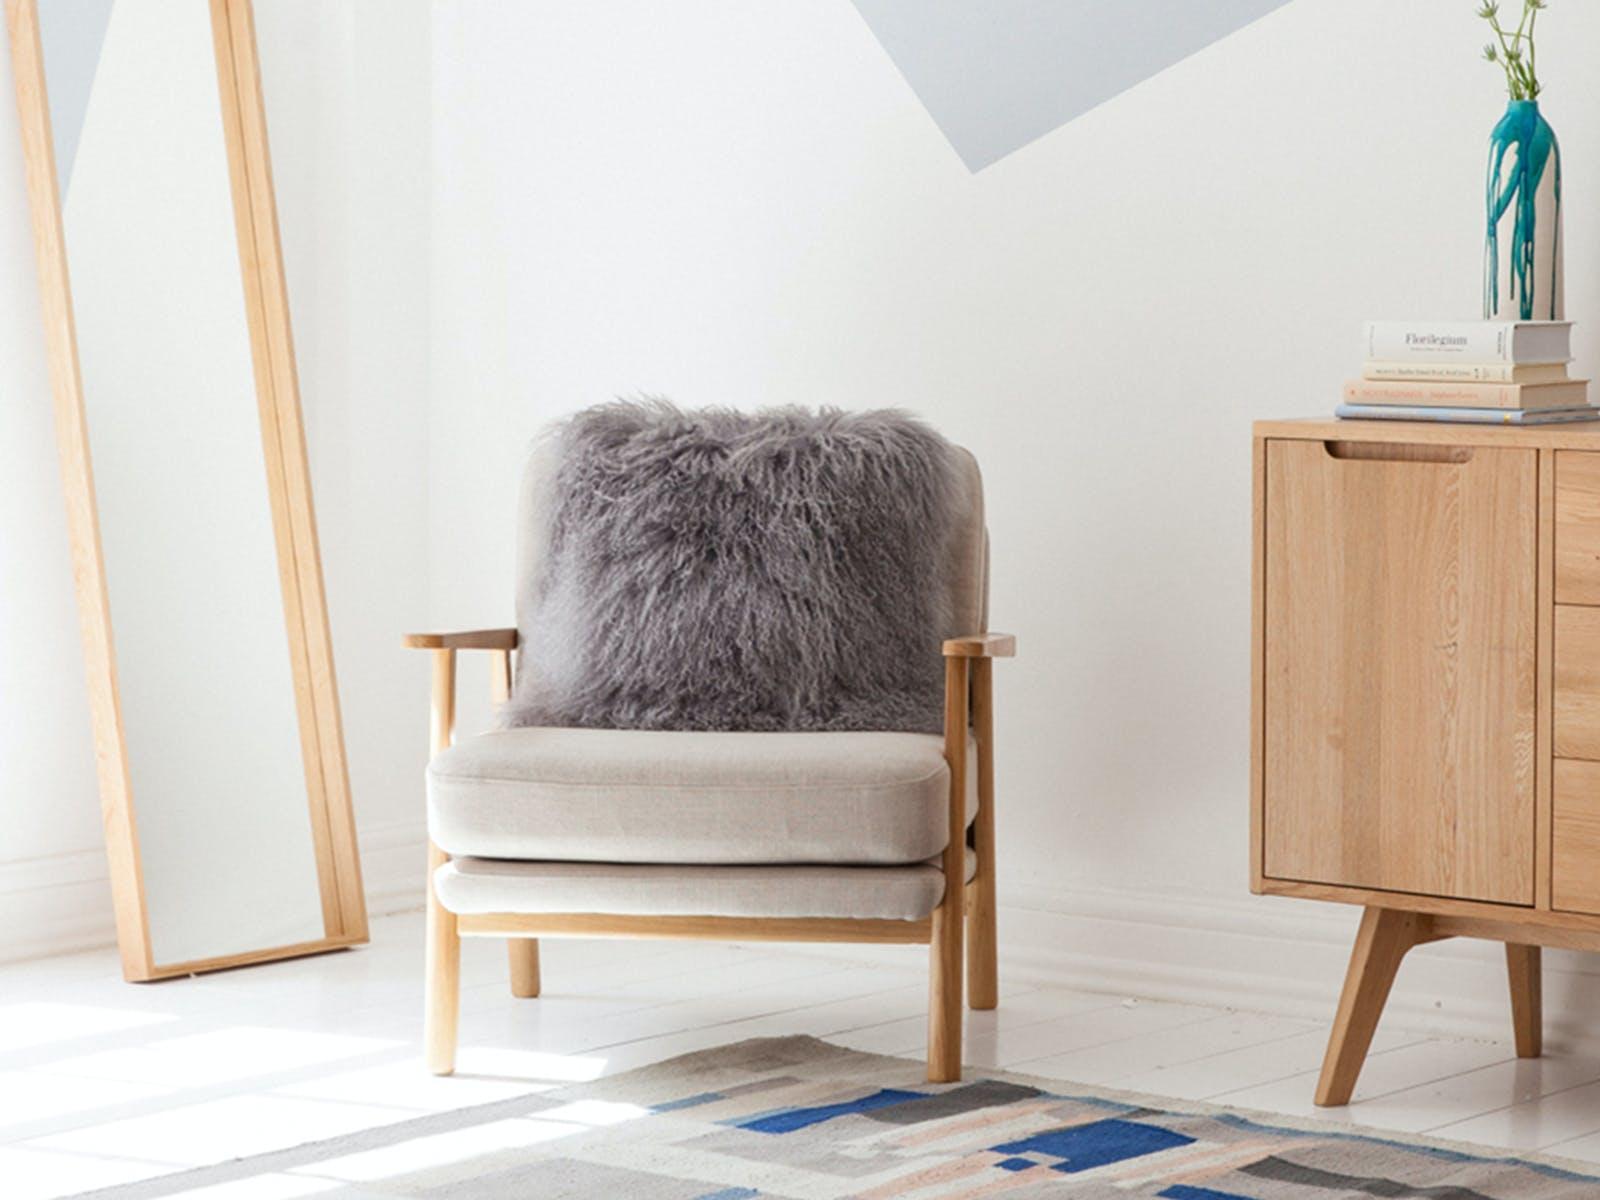 How to create a scandinavian living room design   MADE.com